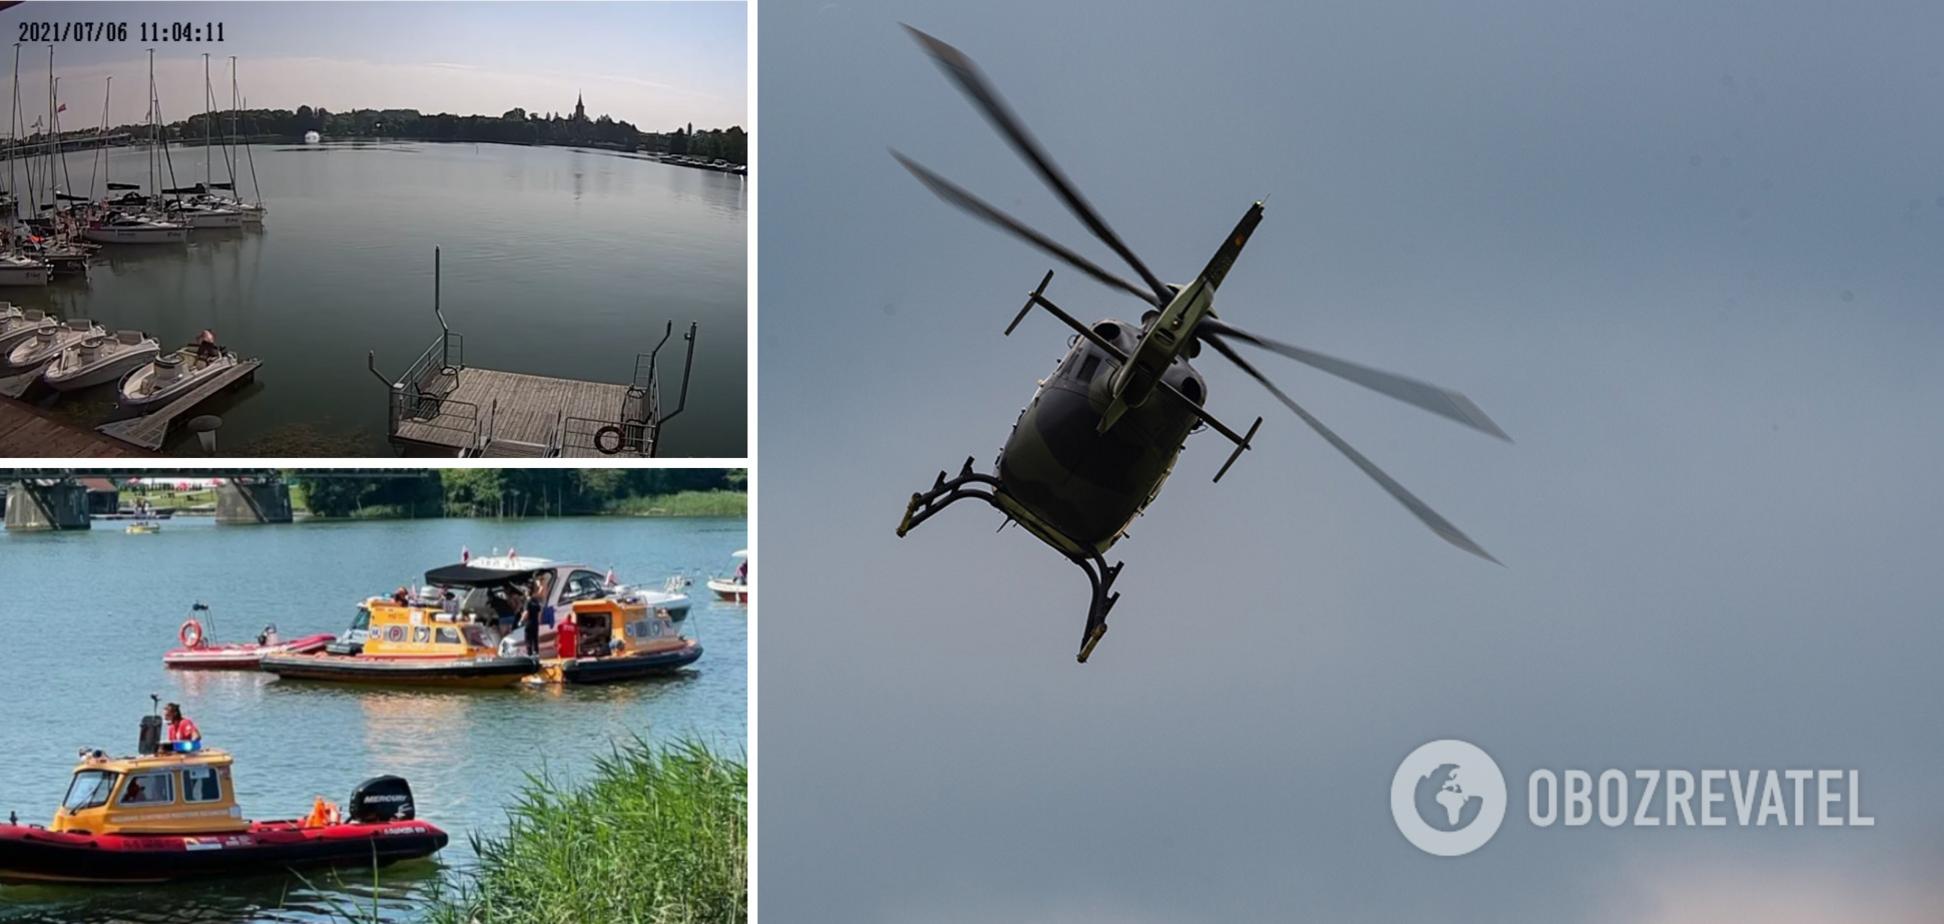 Появилось видео крушения вертолета в Польше с украинцами